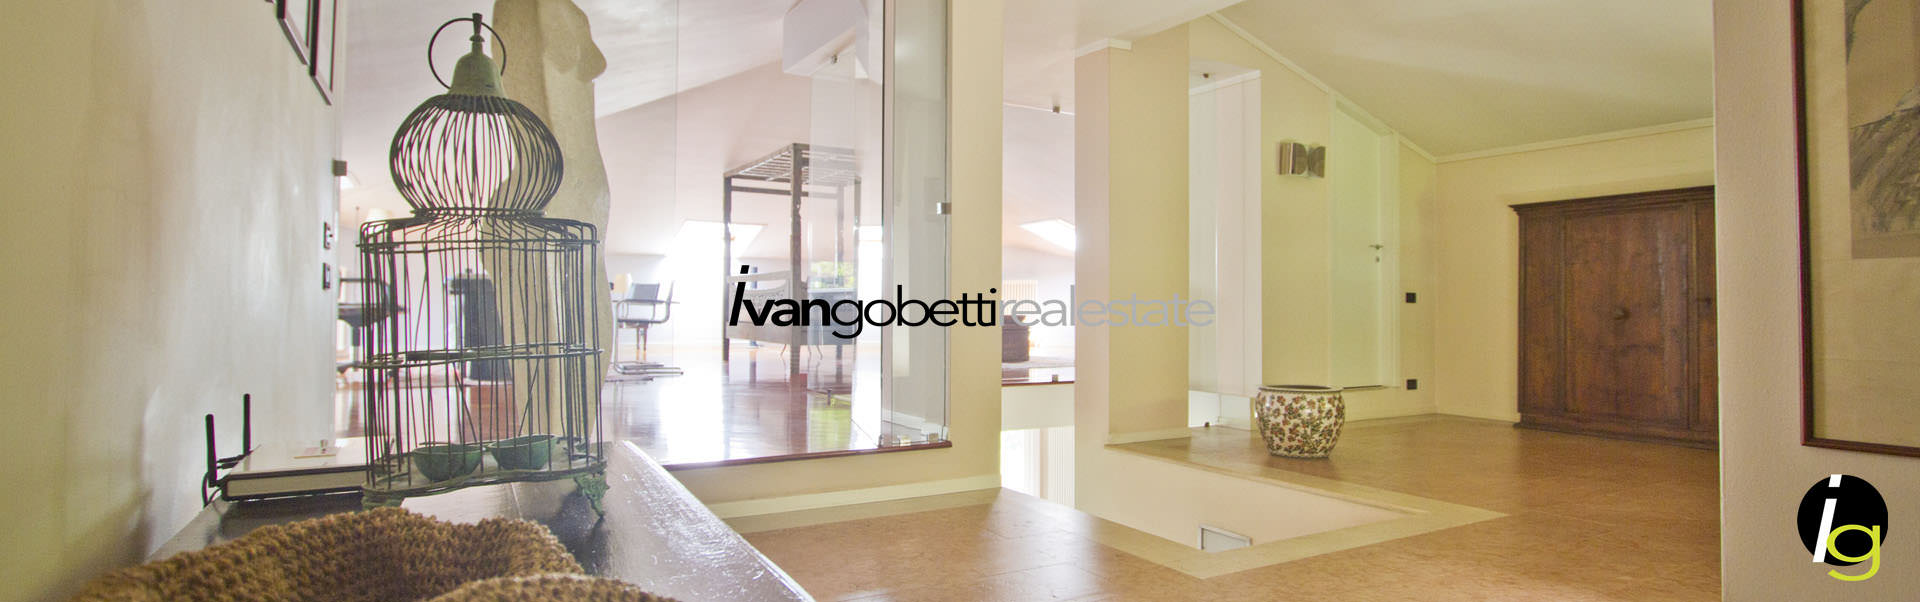 Villa in Vendita con piscina e vista lago a Baveno sul Lago Maggiore